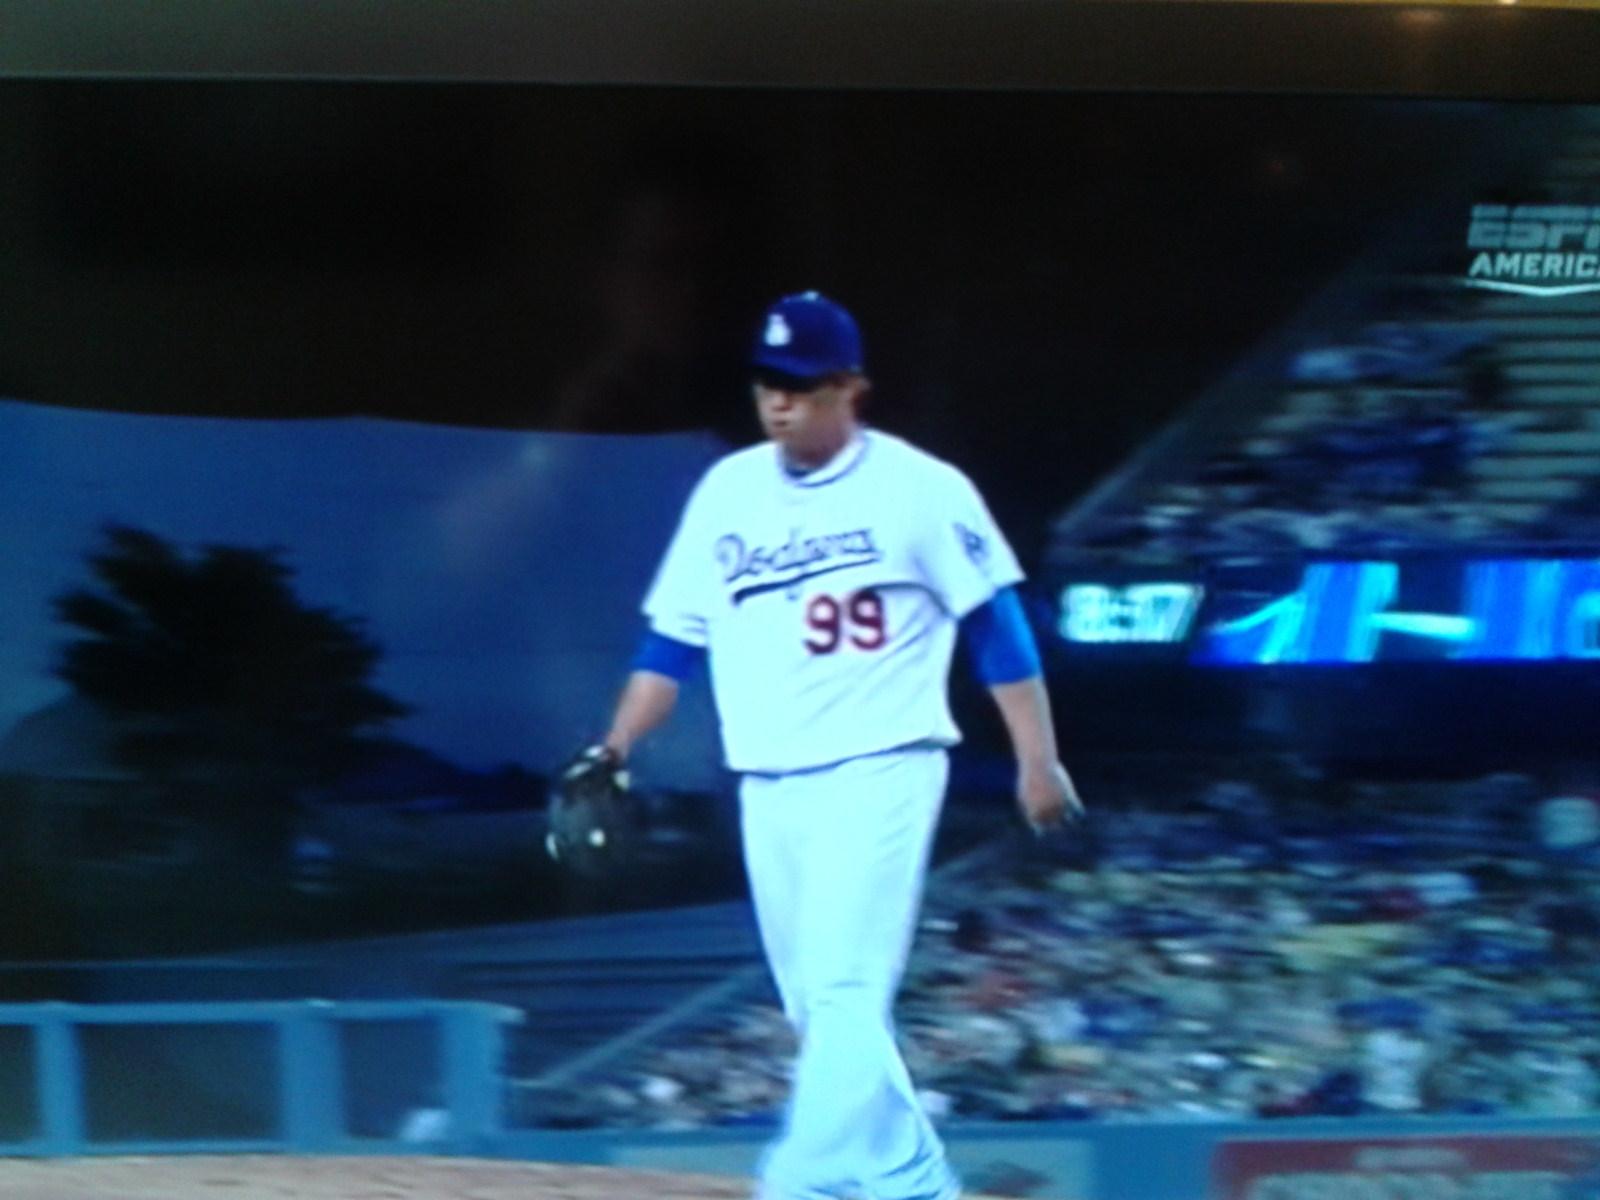 Pitcher Hyun-Jin Ryu von den Los Angeles Dodgers